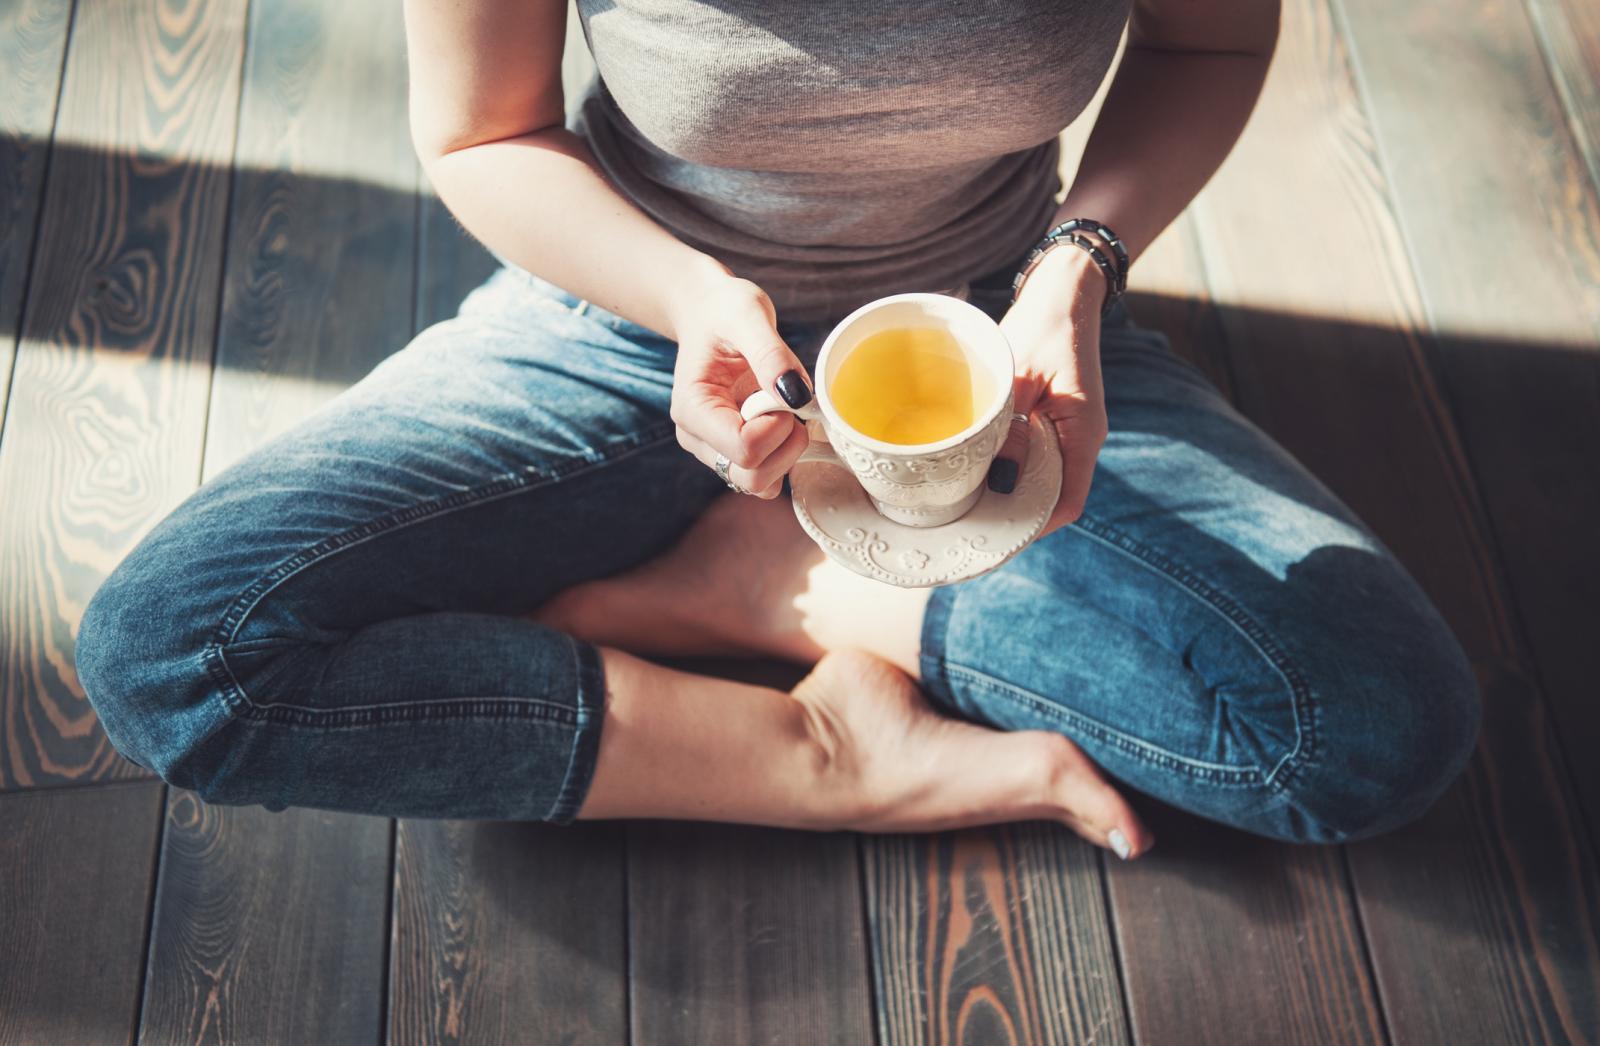 Razne vrste čajeva, poput kadulje i kamilice će vam uvelike pomoći.